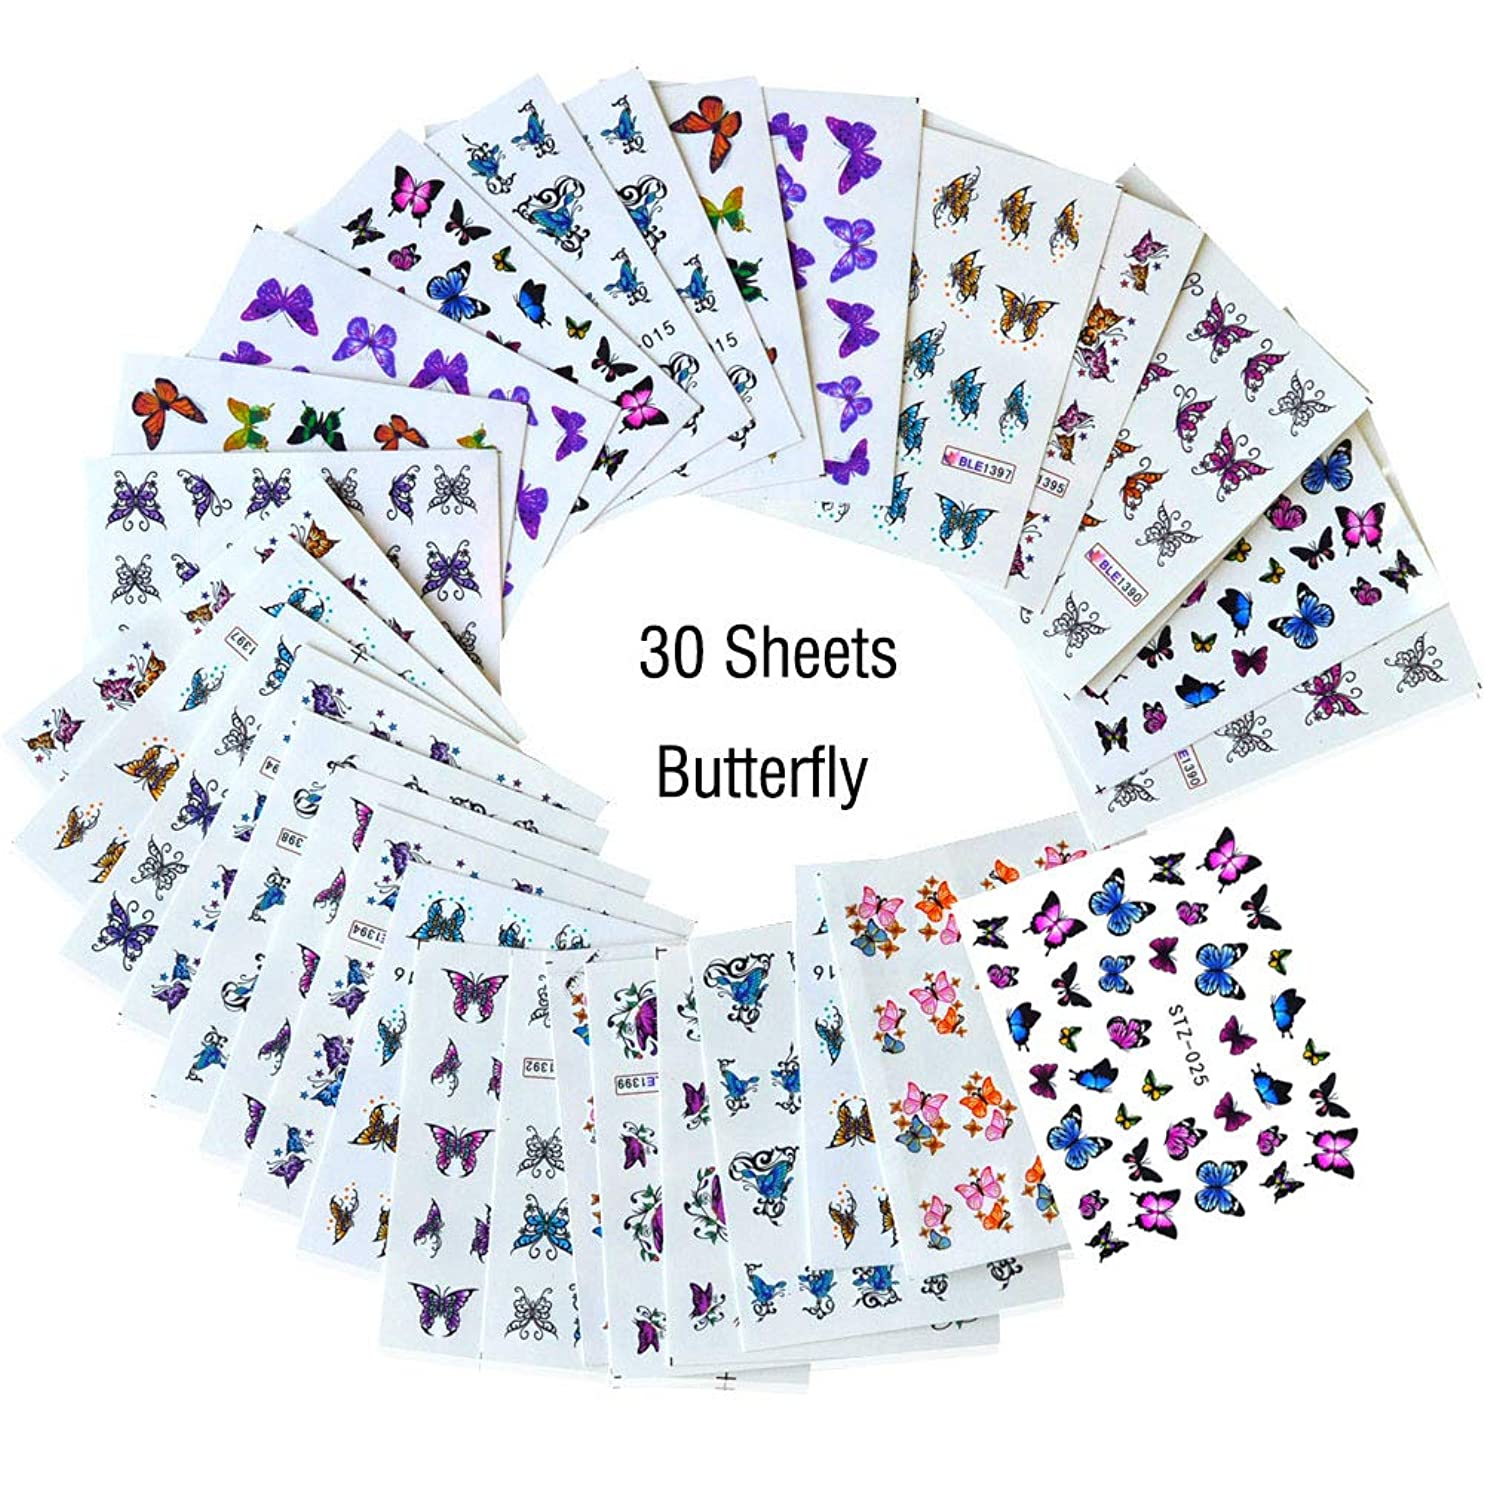 ガレージクラックポットストレージLookathot 30枚ネイルアートステッカーデカール蝶デザインパターン水スカイスター箔紙印刷転写diy装飾ツールアクセサリー